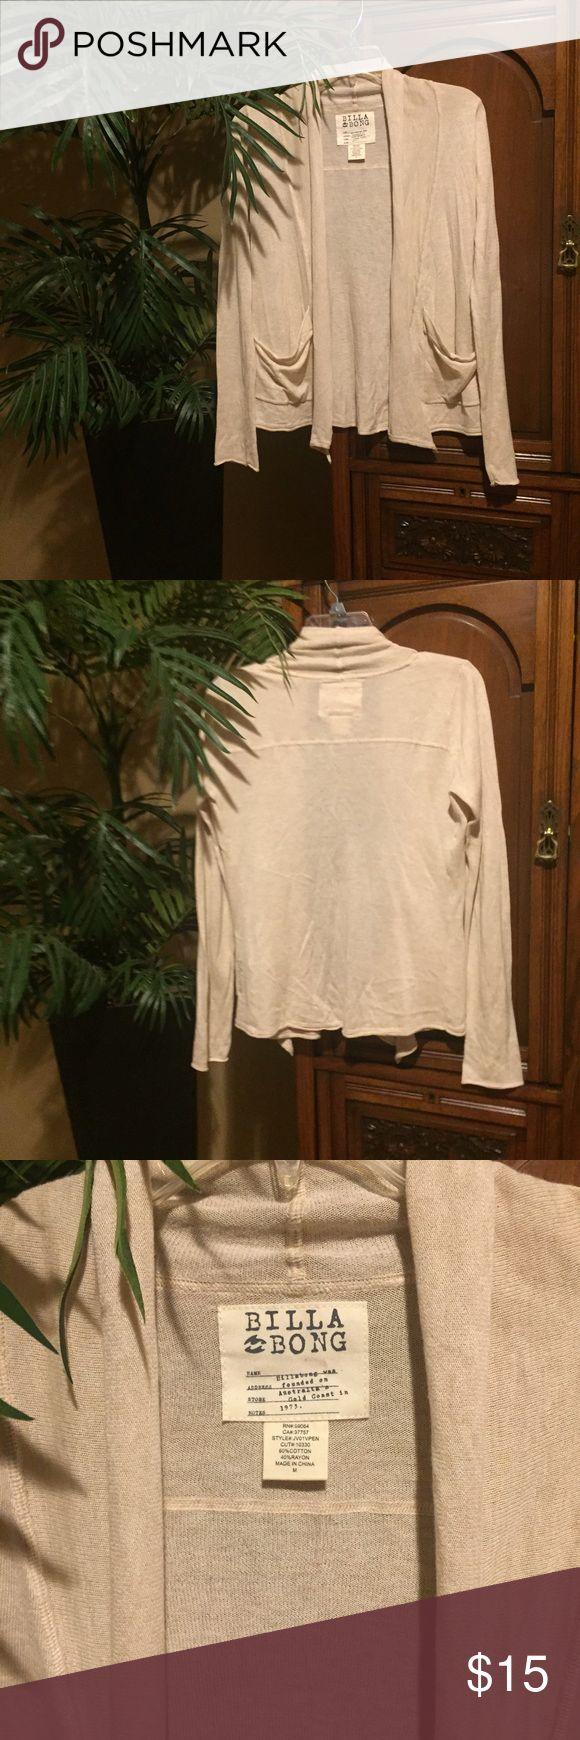 Billabong Lightweight Beige Cardigan Sweater SZ M Billabong Lightweight Beige Cardigan Sweater SZ M Billabong Sweaters Cardigans